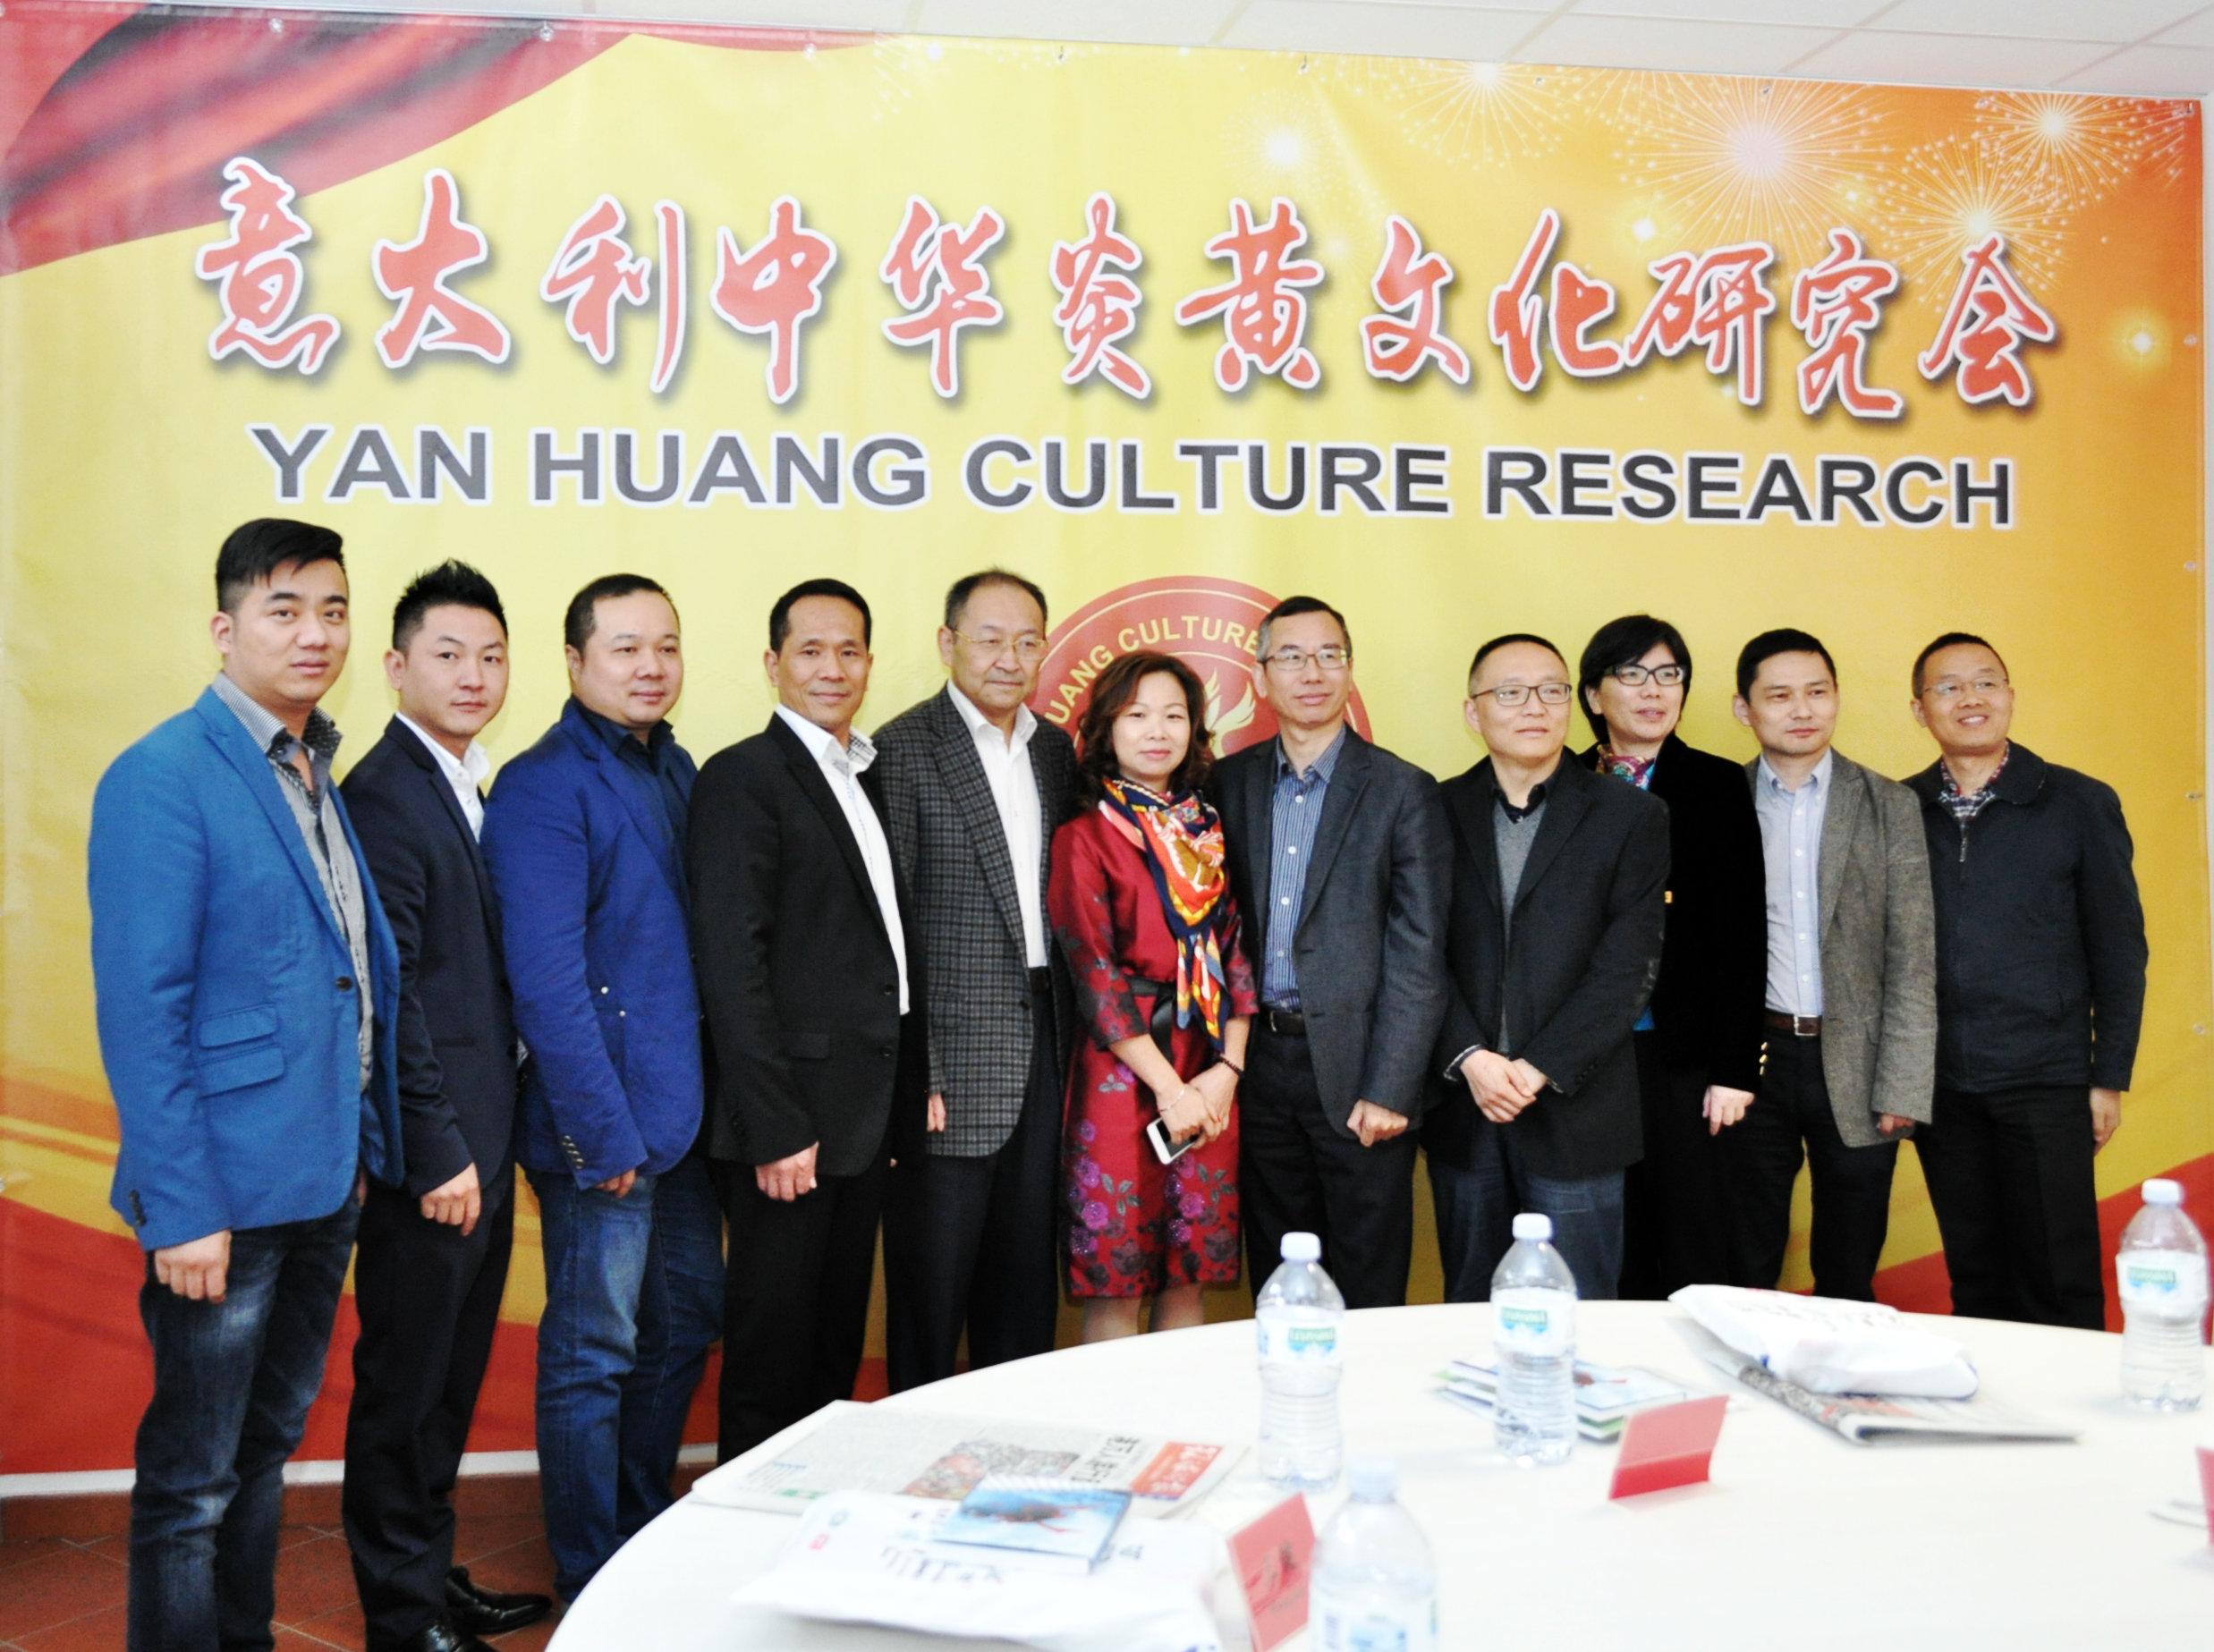 意中华炎黄文化研究会与浙报访问团座谈 热议海外华媒发展与合作